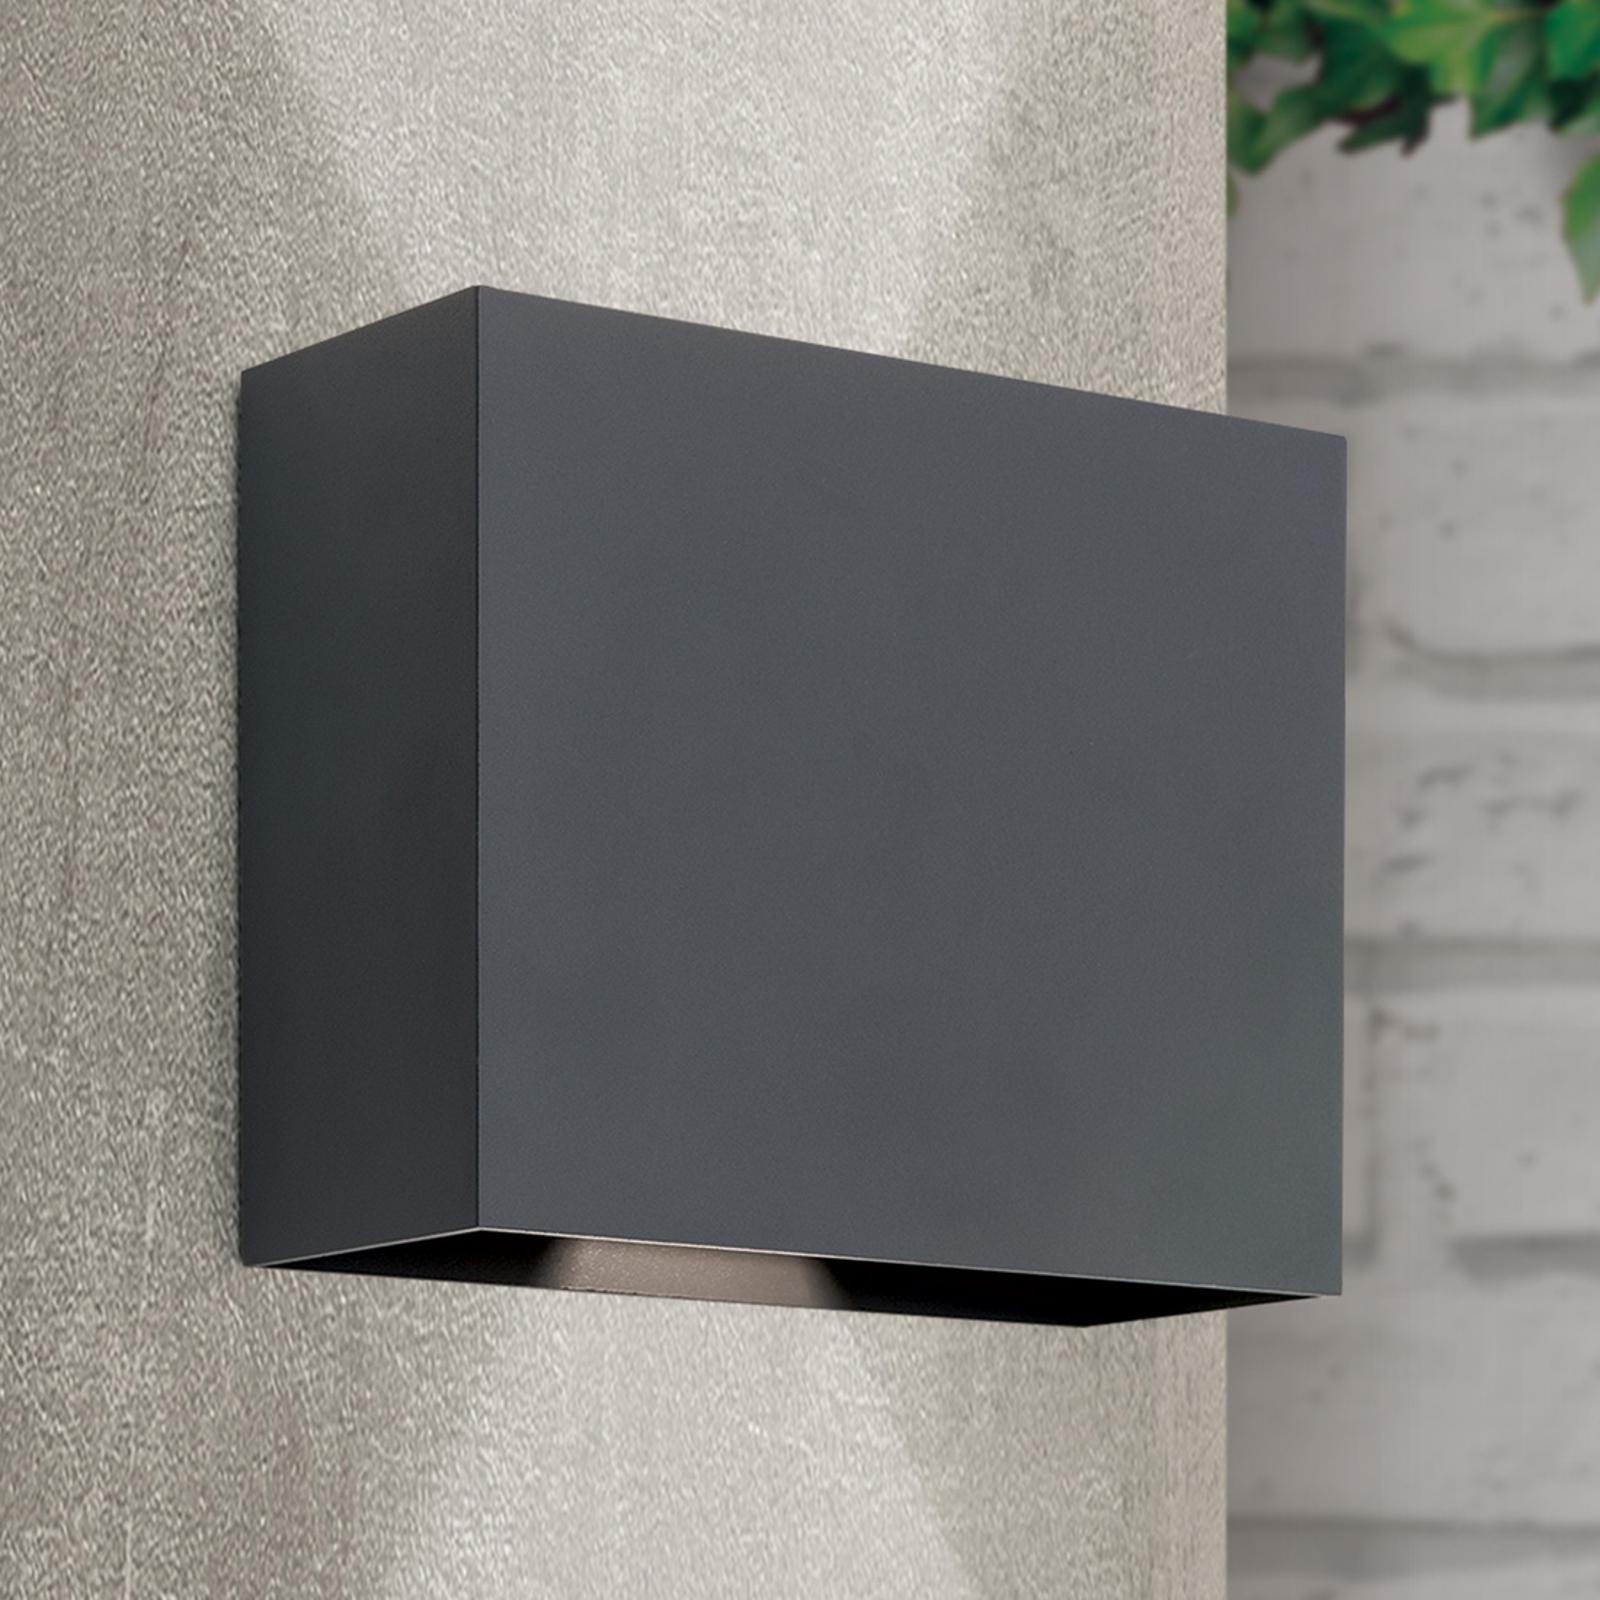 LED-Wandleuchte Akzent Winkel variabel schwarz